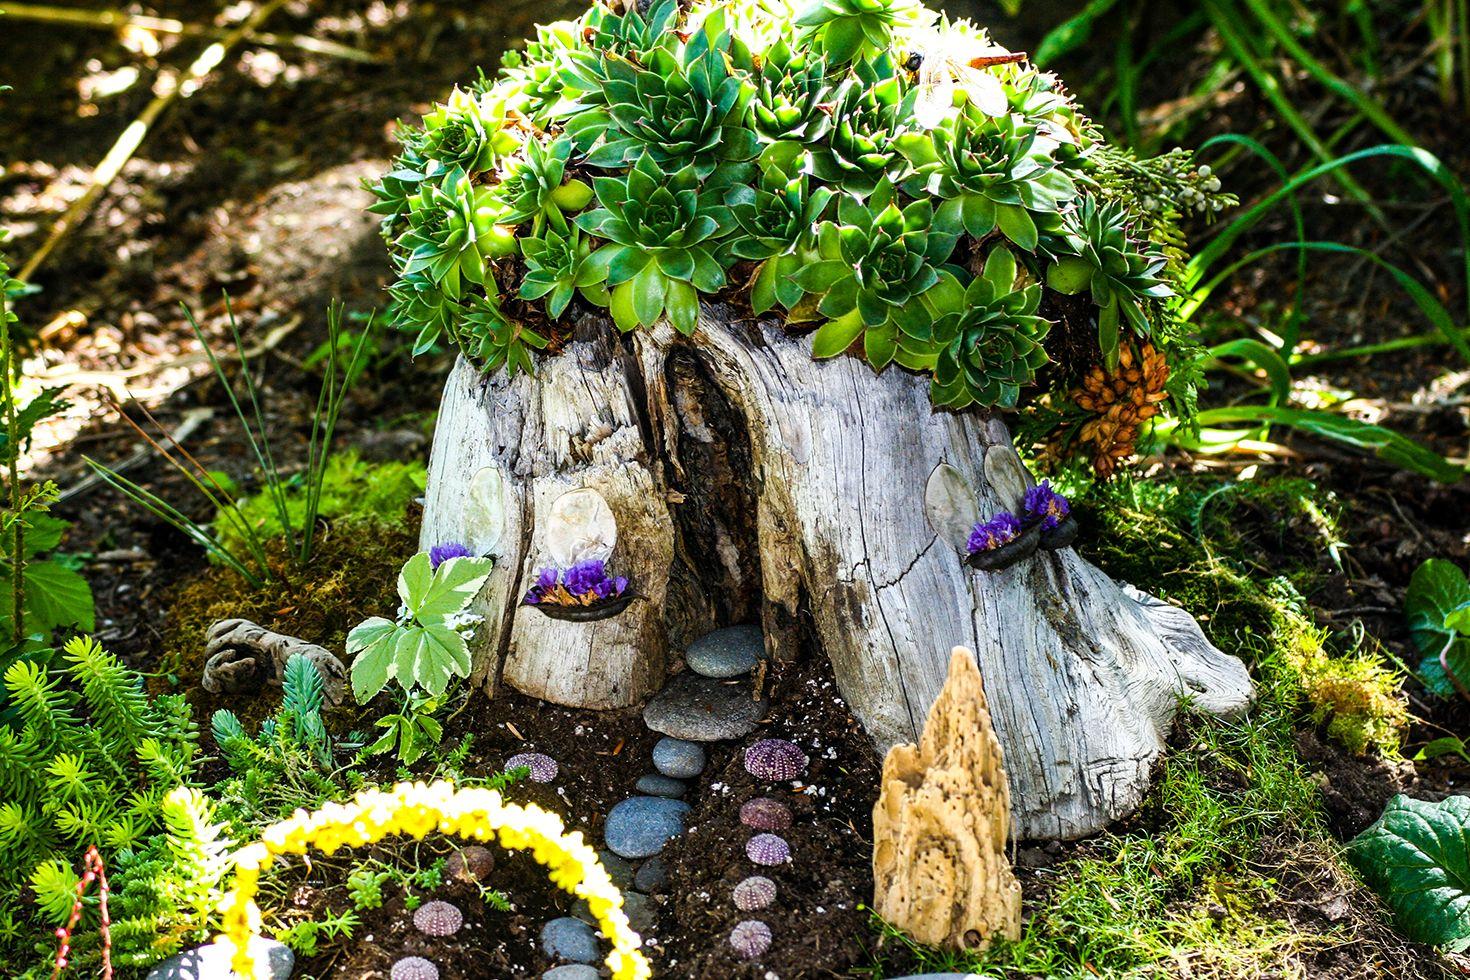 19 DIY Fairy Garden Ideas , How to Make a Miniature Fairy Garden